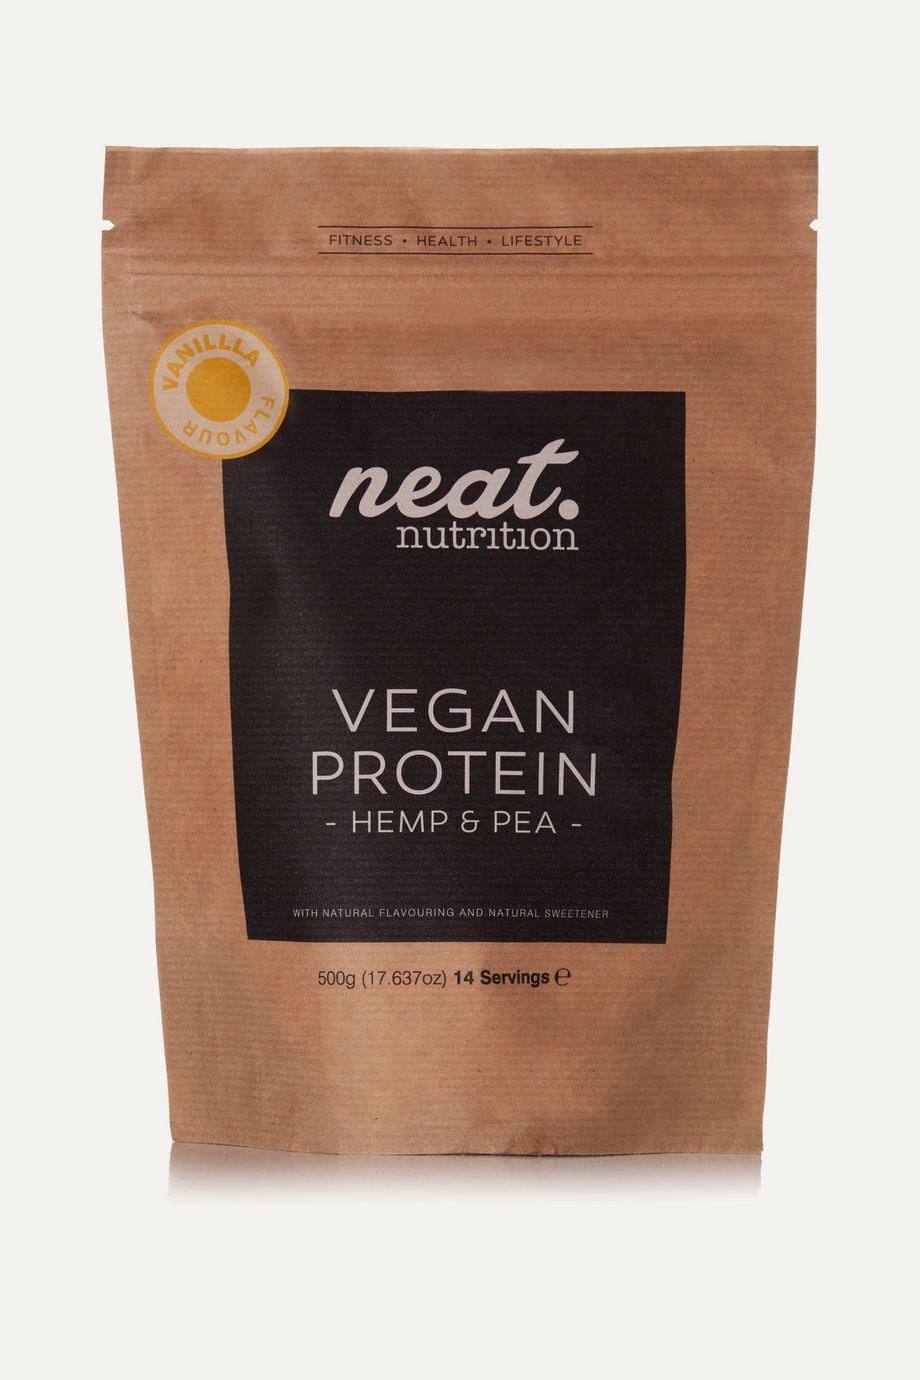 Neat Nutrition Hemp and Pea Vegan Protein - Vanilla, 500g